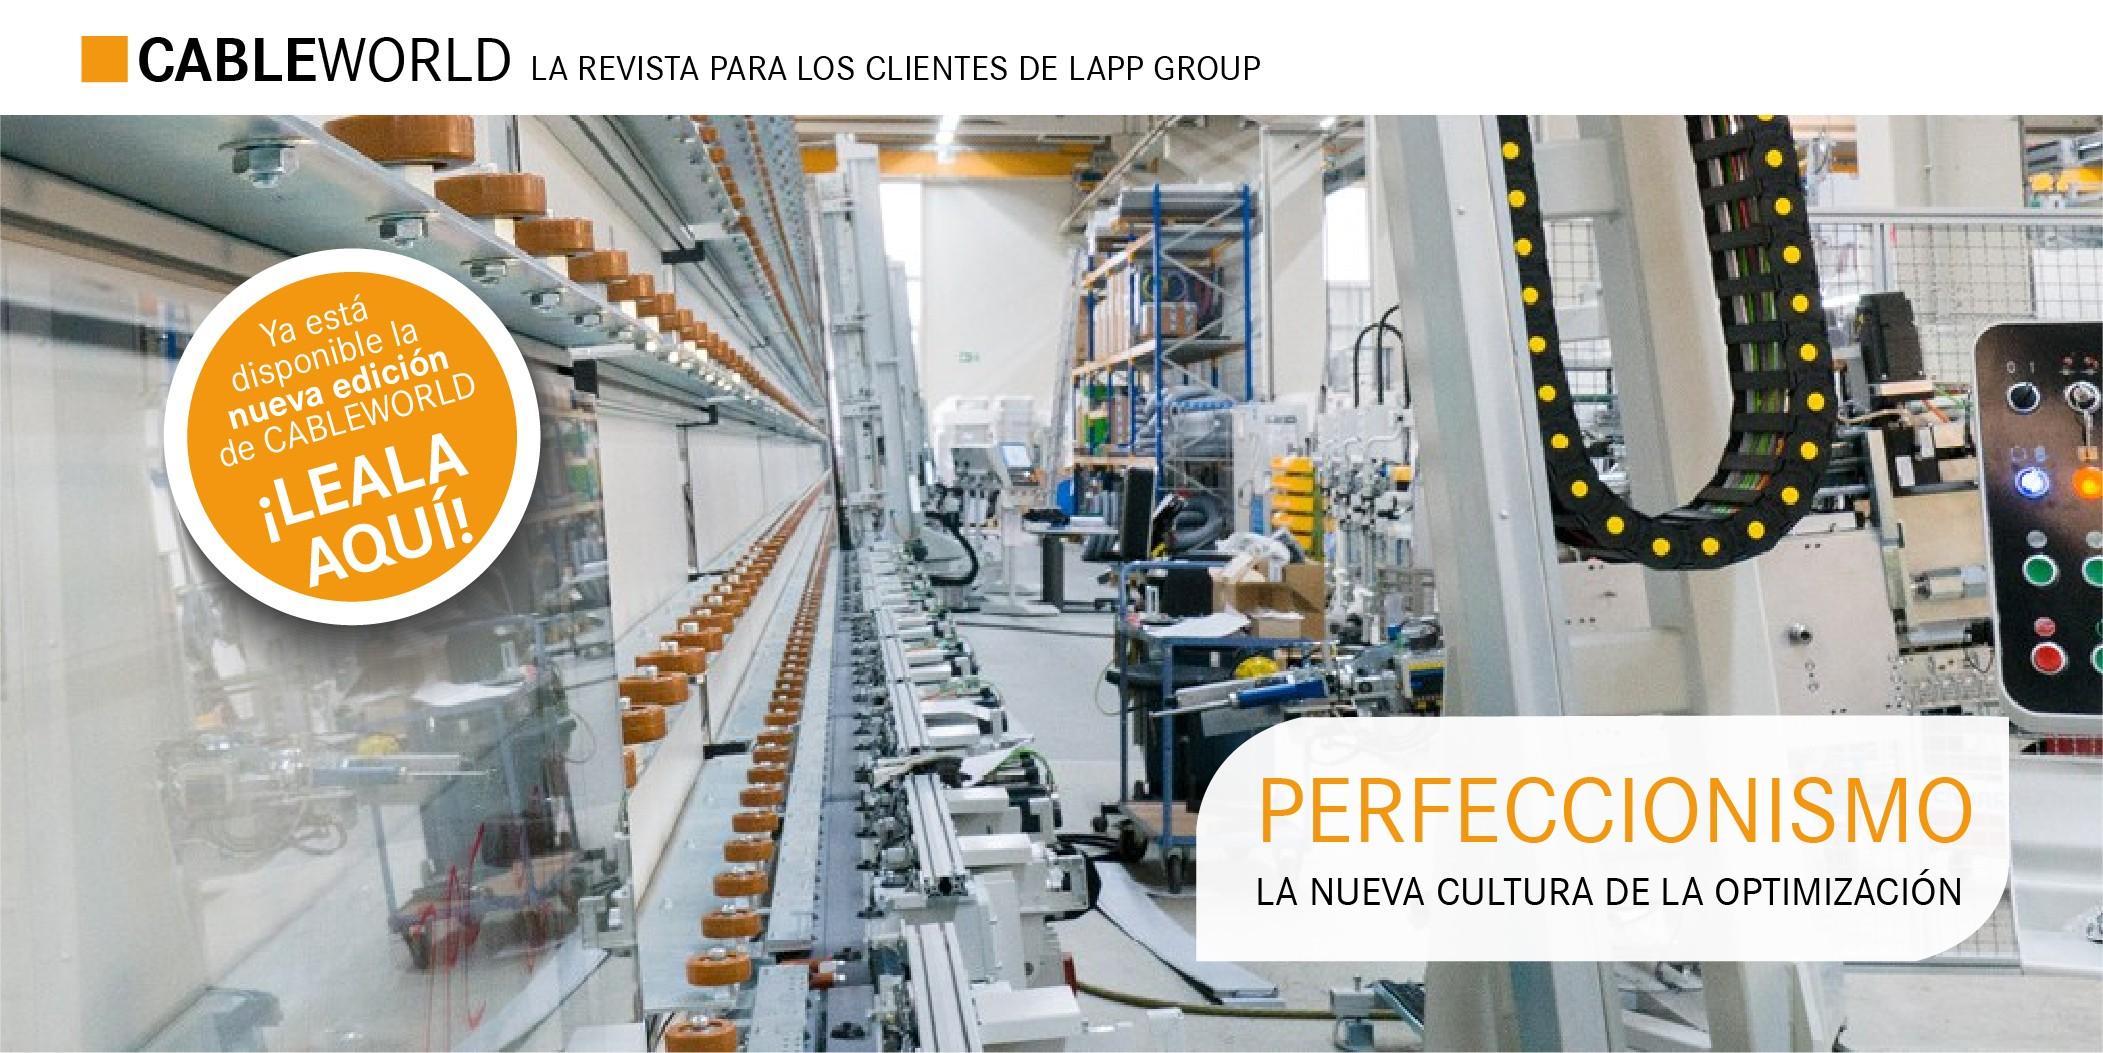 Cable world-Perfeccionismo